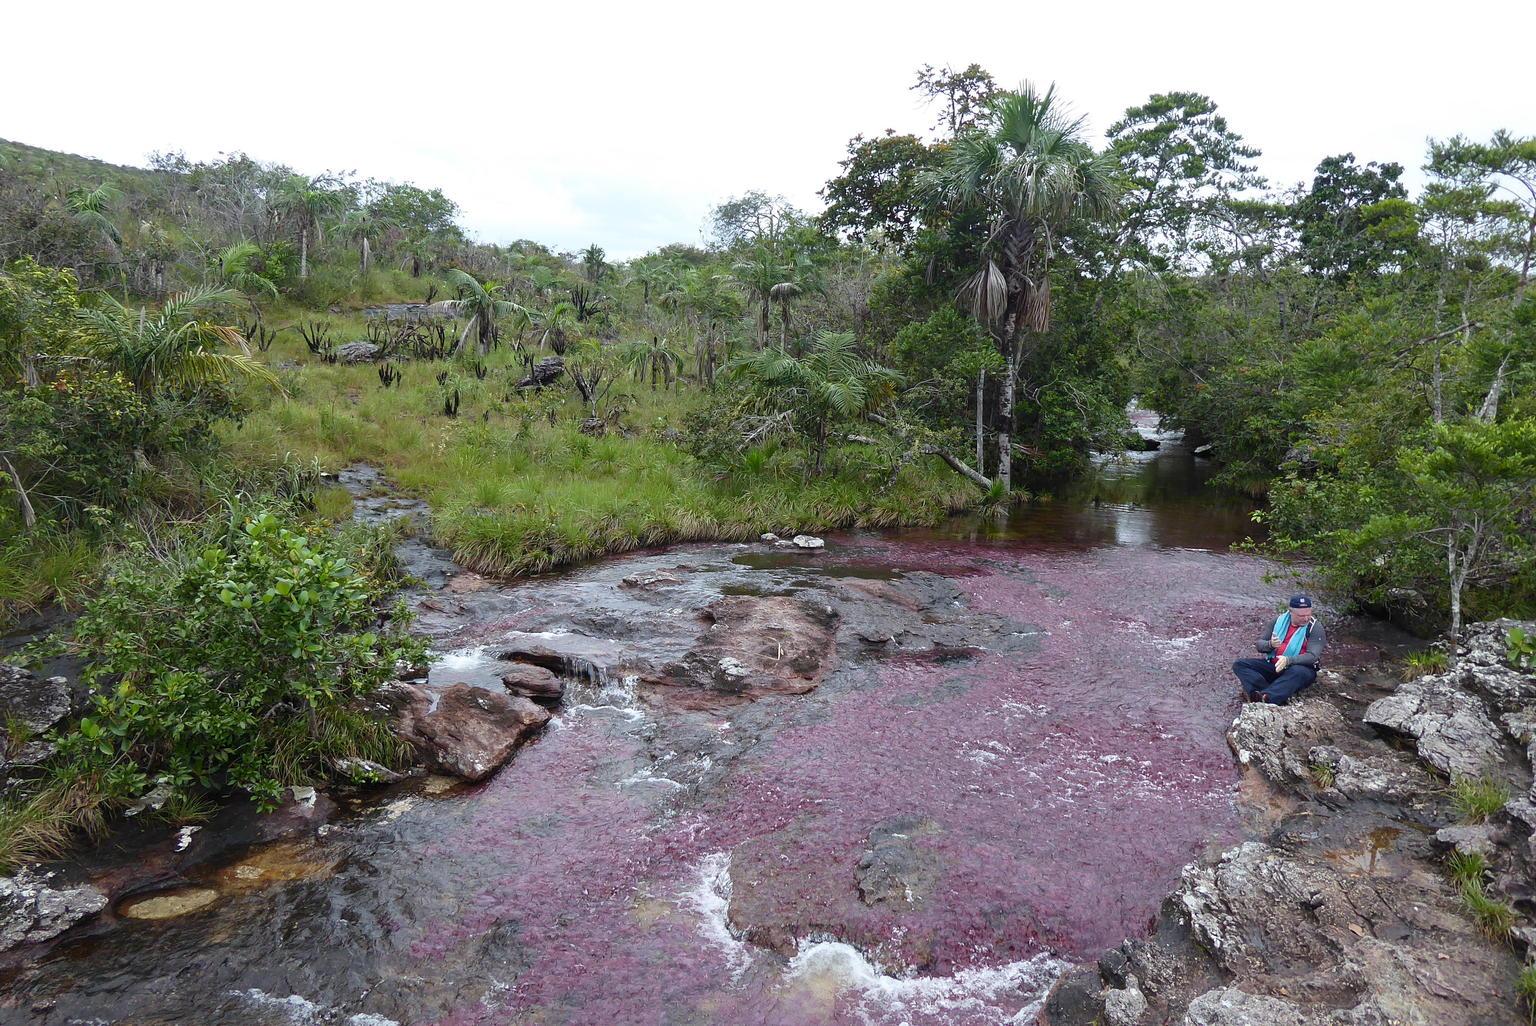 MÁS FOTOS, 3-Day Caño Cristales (Rainbow River) from Bogotá